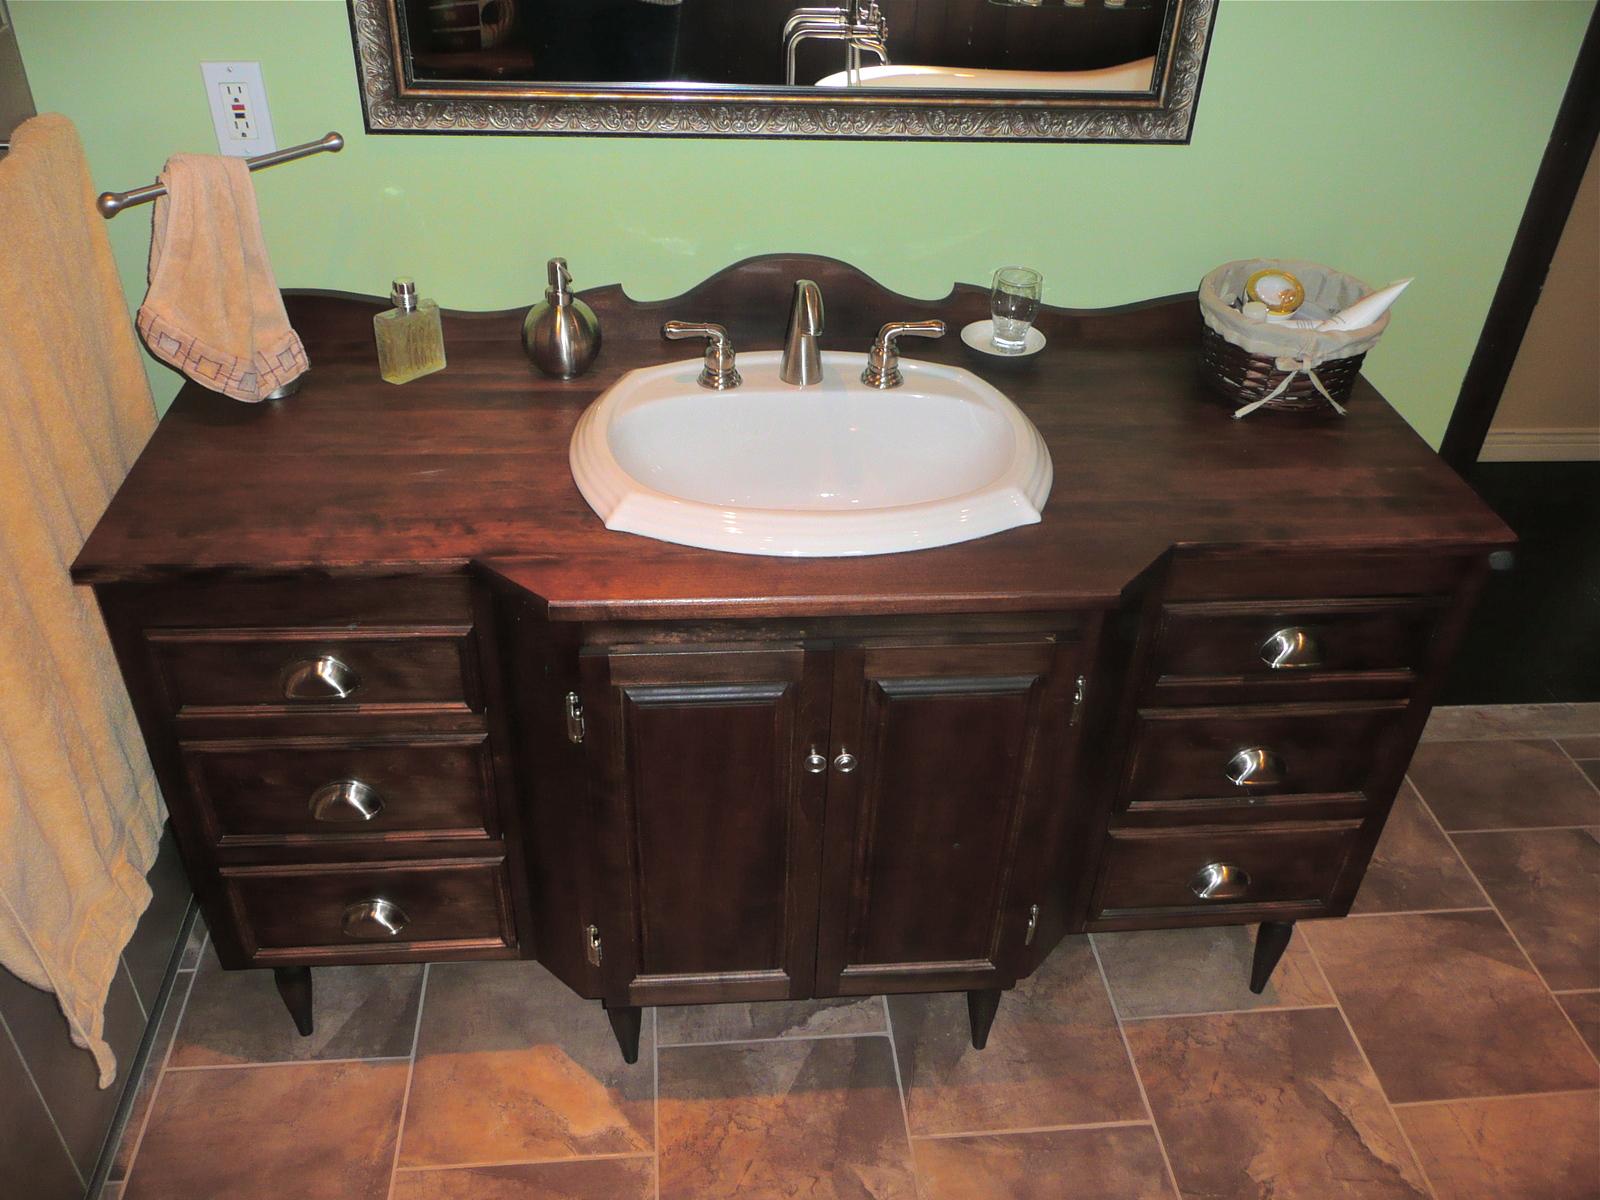 Vanit de salle de bain - Liquidation vanite salle de bain ...